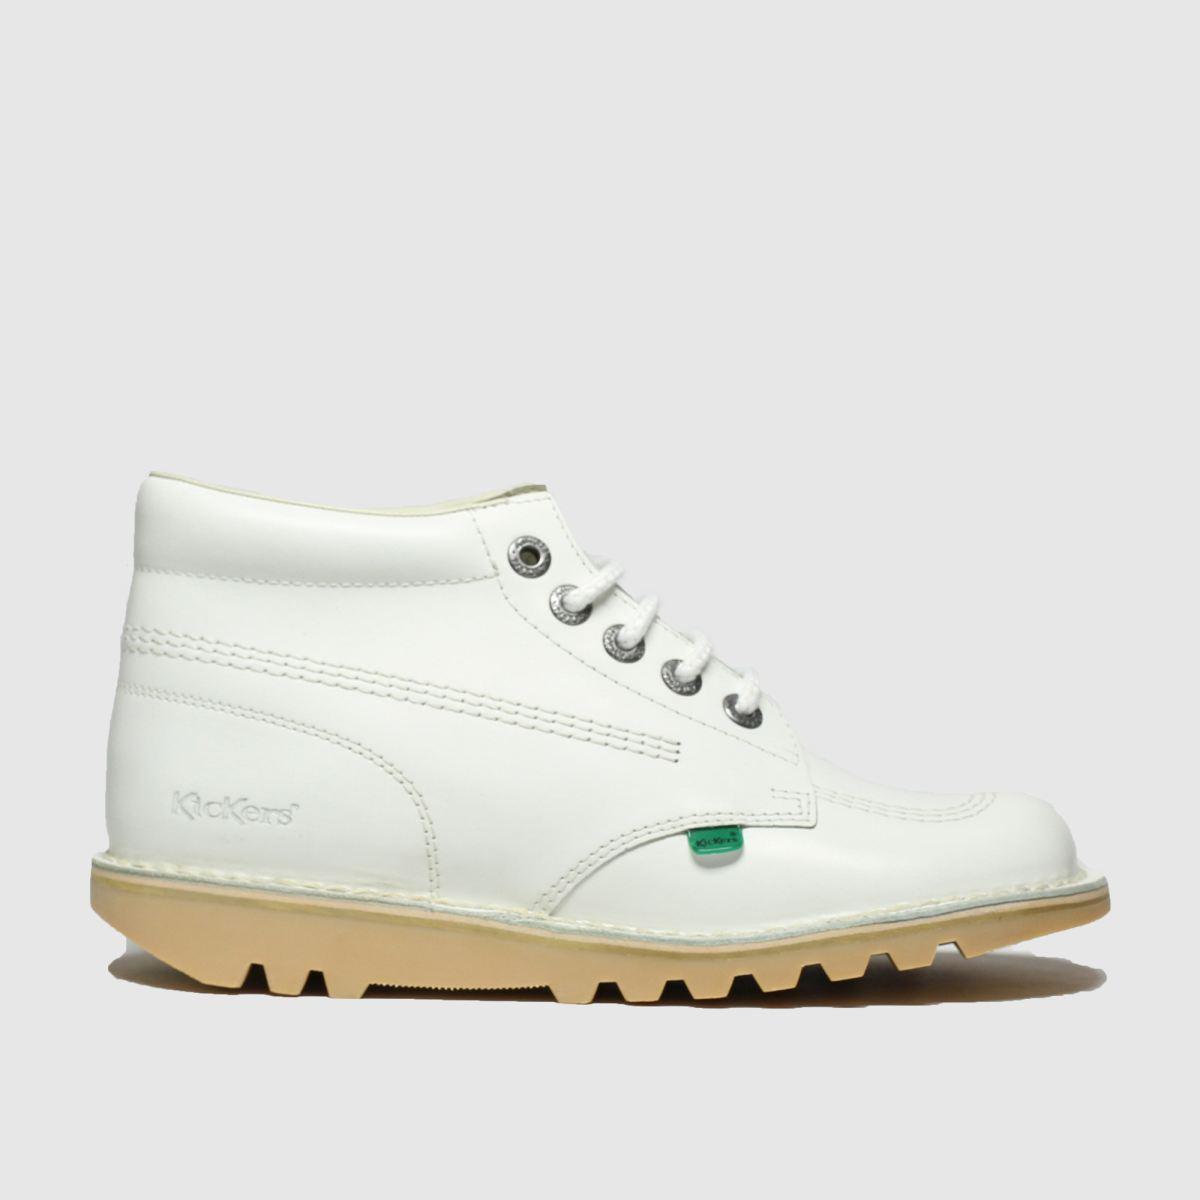 Kickers White Kick Hi Boots